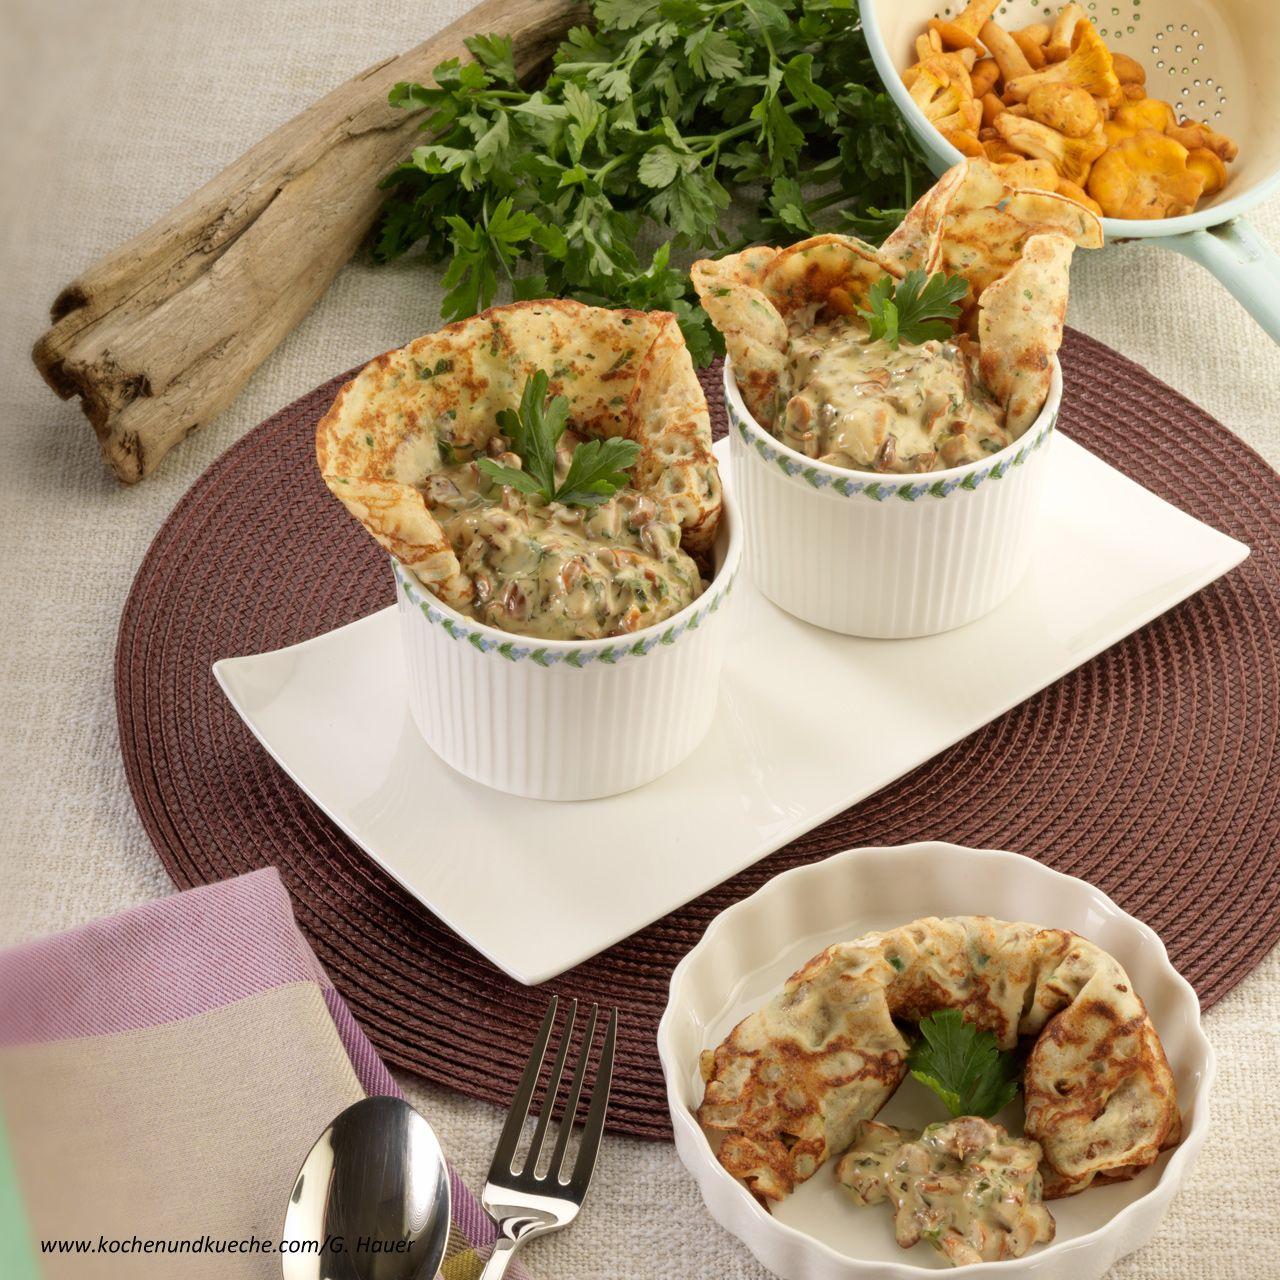 Eierschwammerl Rezepte | Pfifferling Rezepte | Kochen und Küche ...